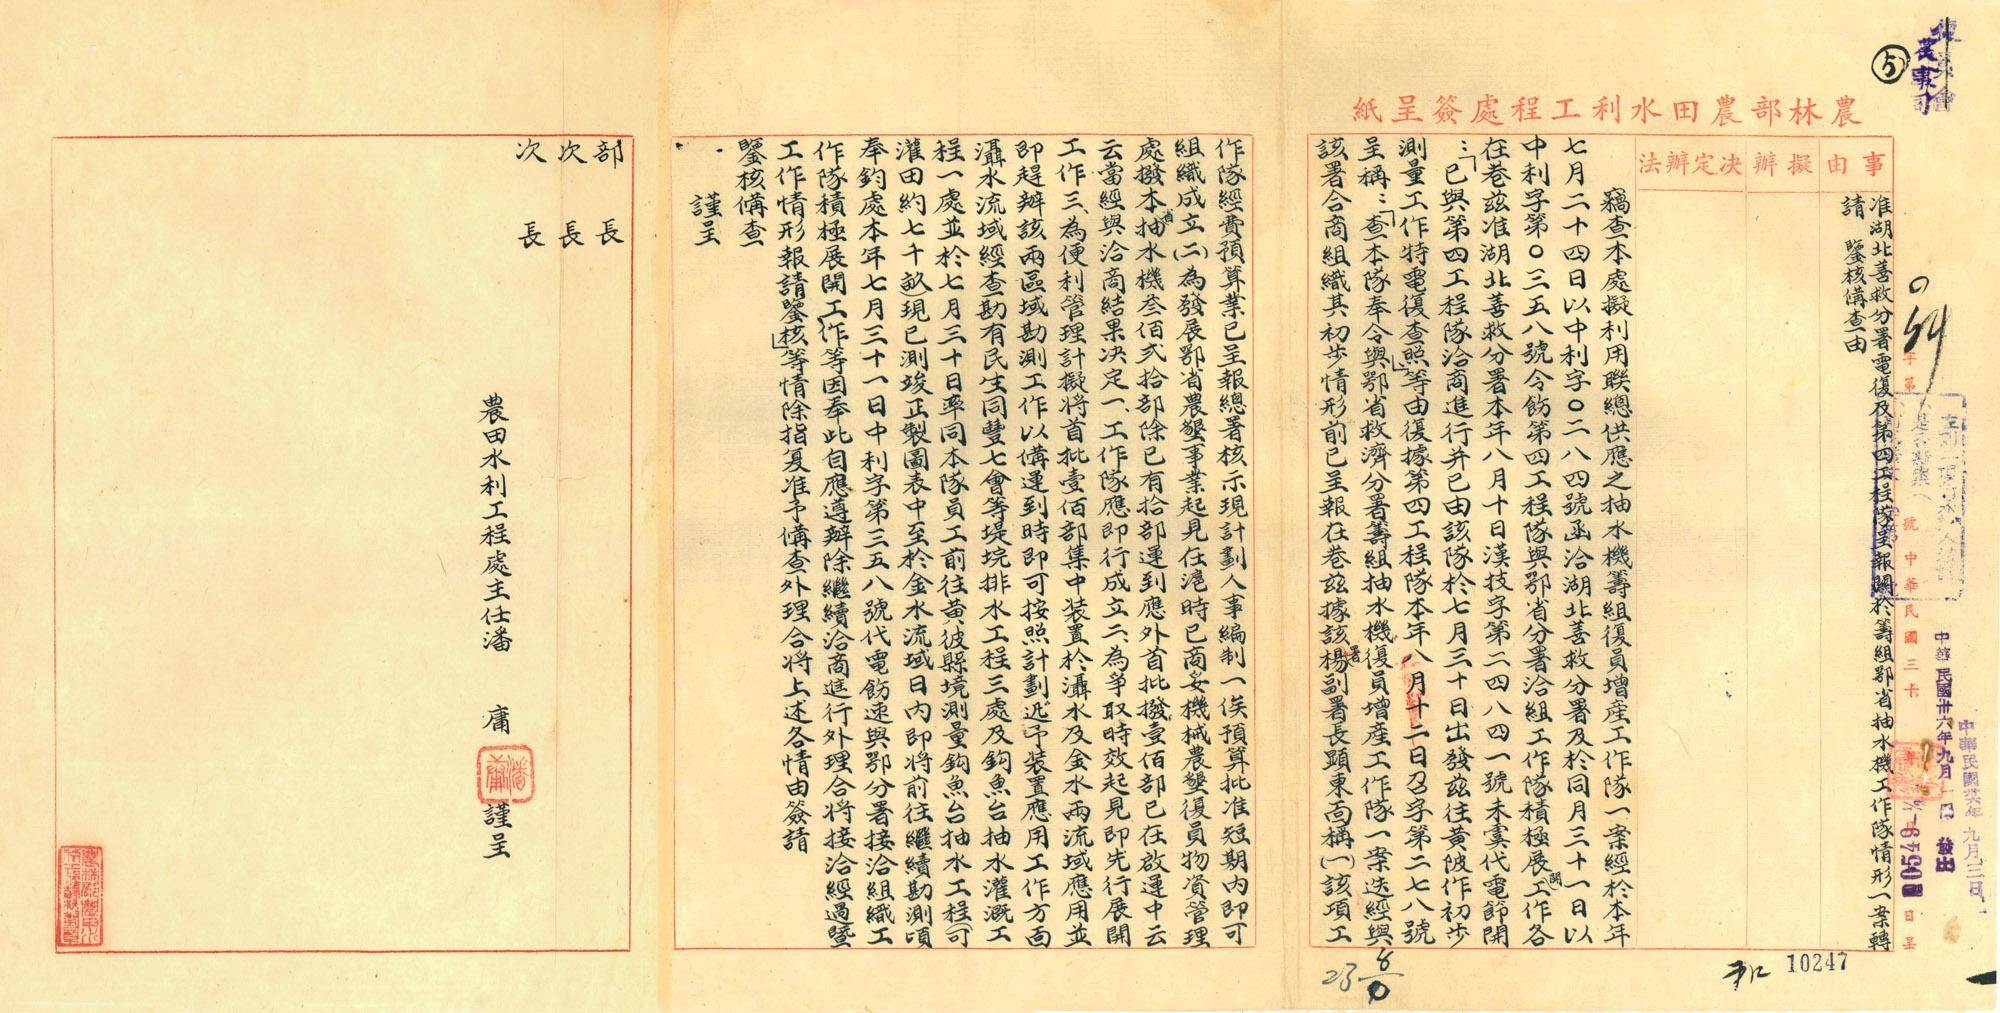 民國36年9月,農林部農田水利工程處主任潘庸呈